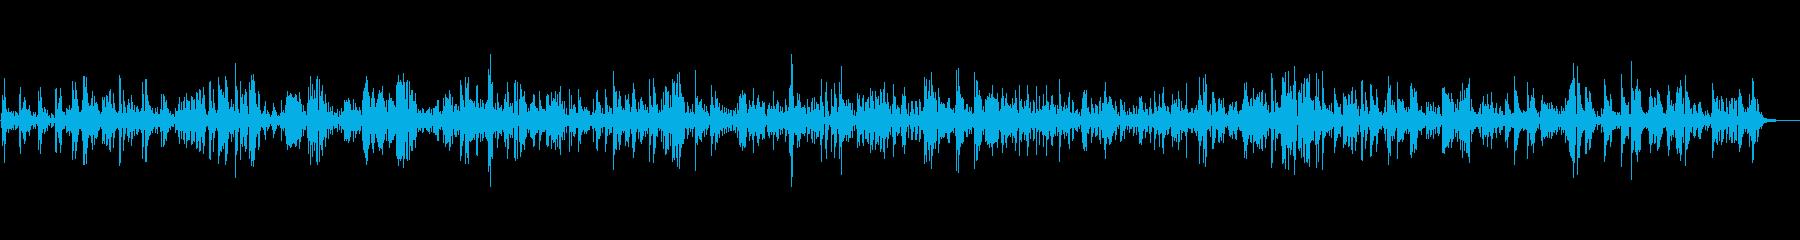 贅沢な大人の癒しジャズBGMの再生済みの波形